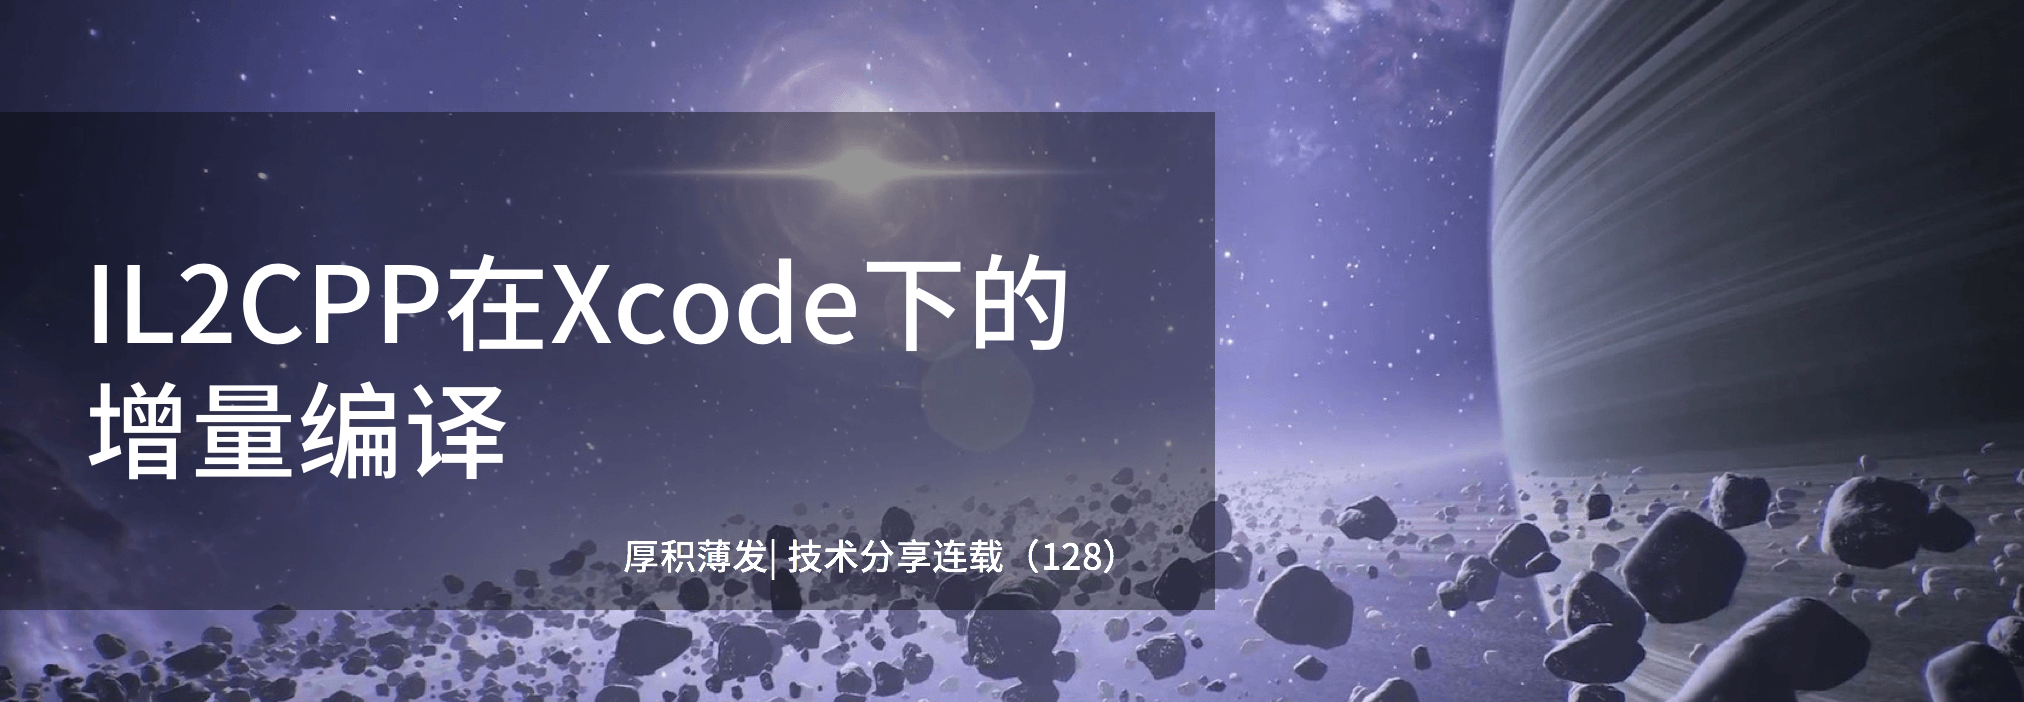 关于IL2CPP在Xcode下增量编译